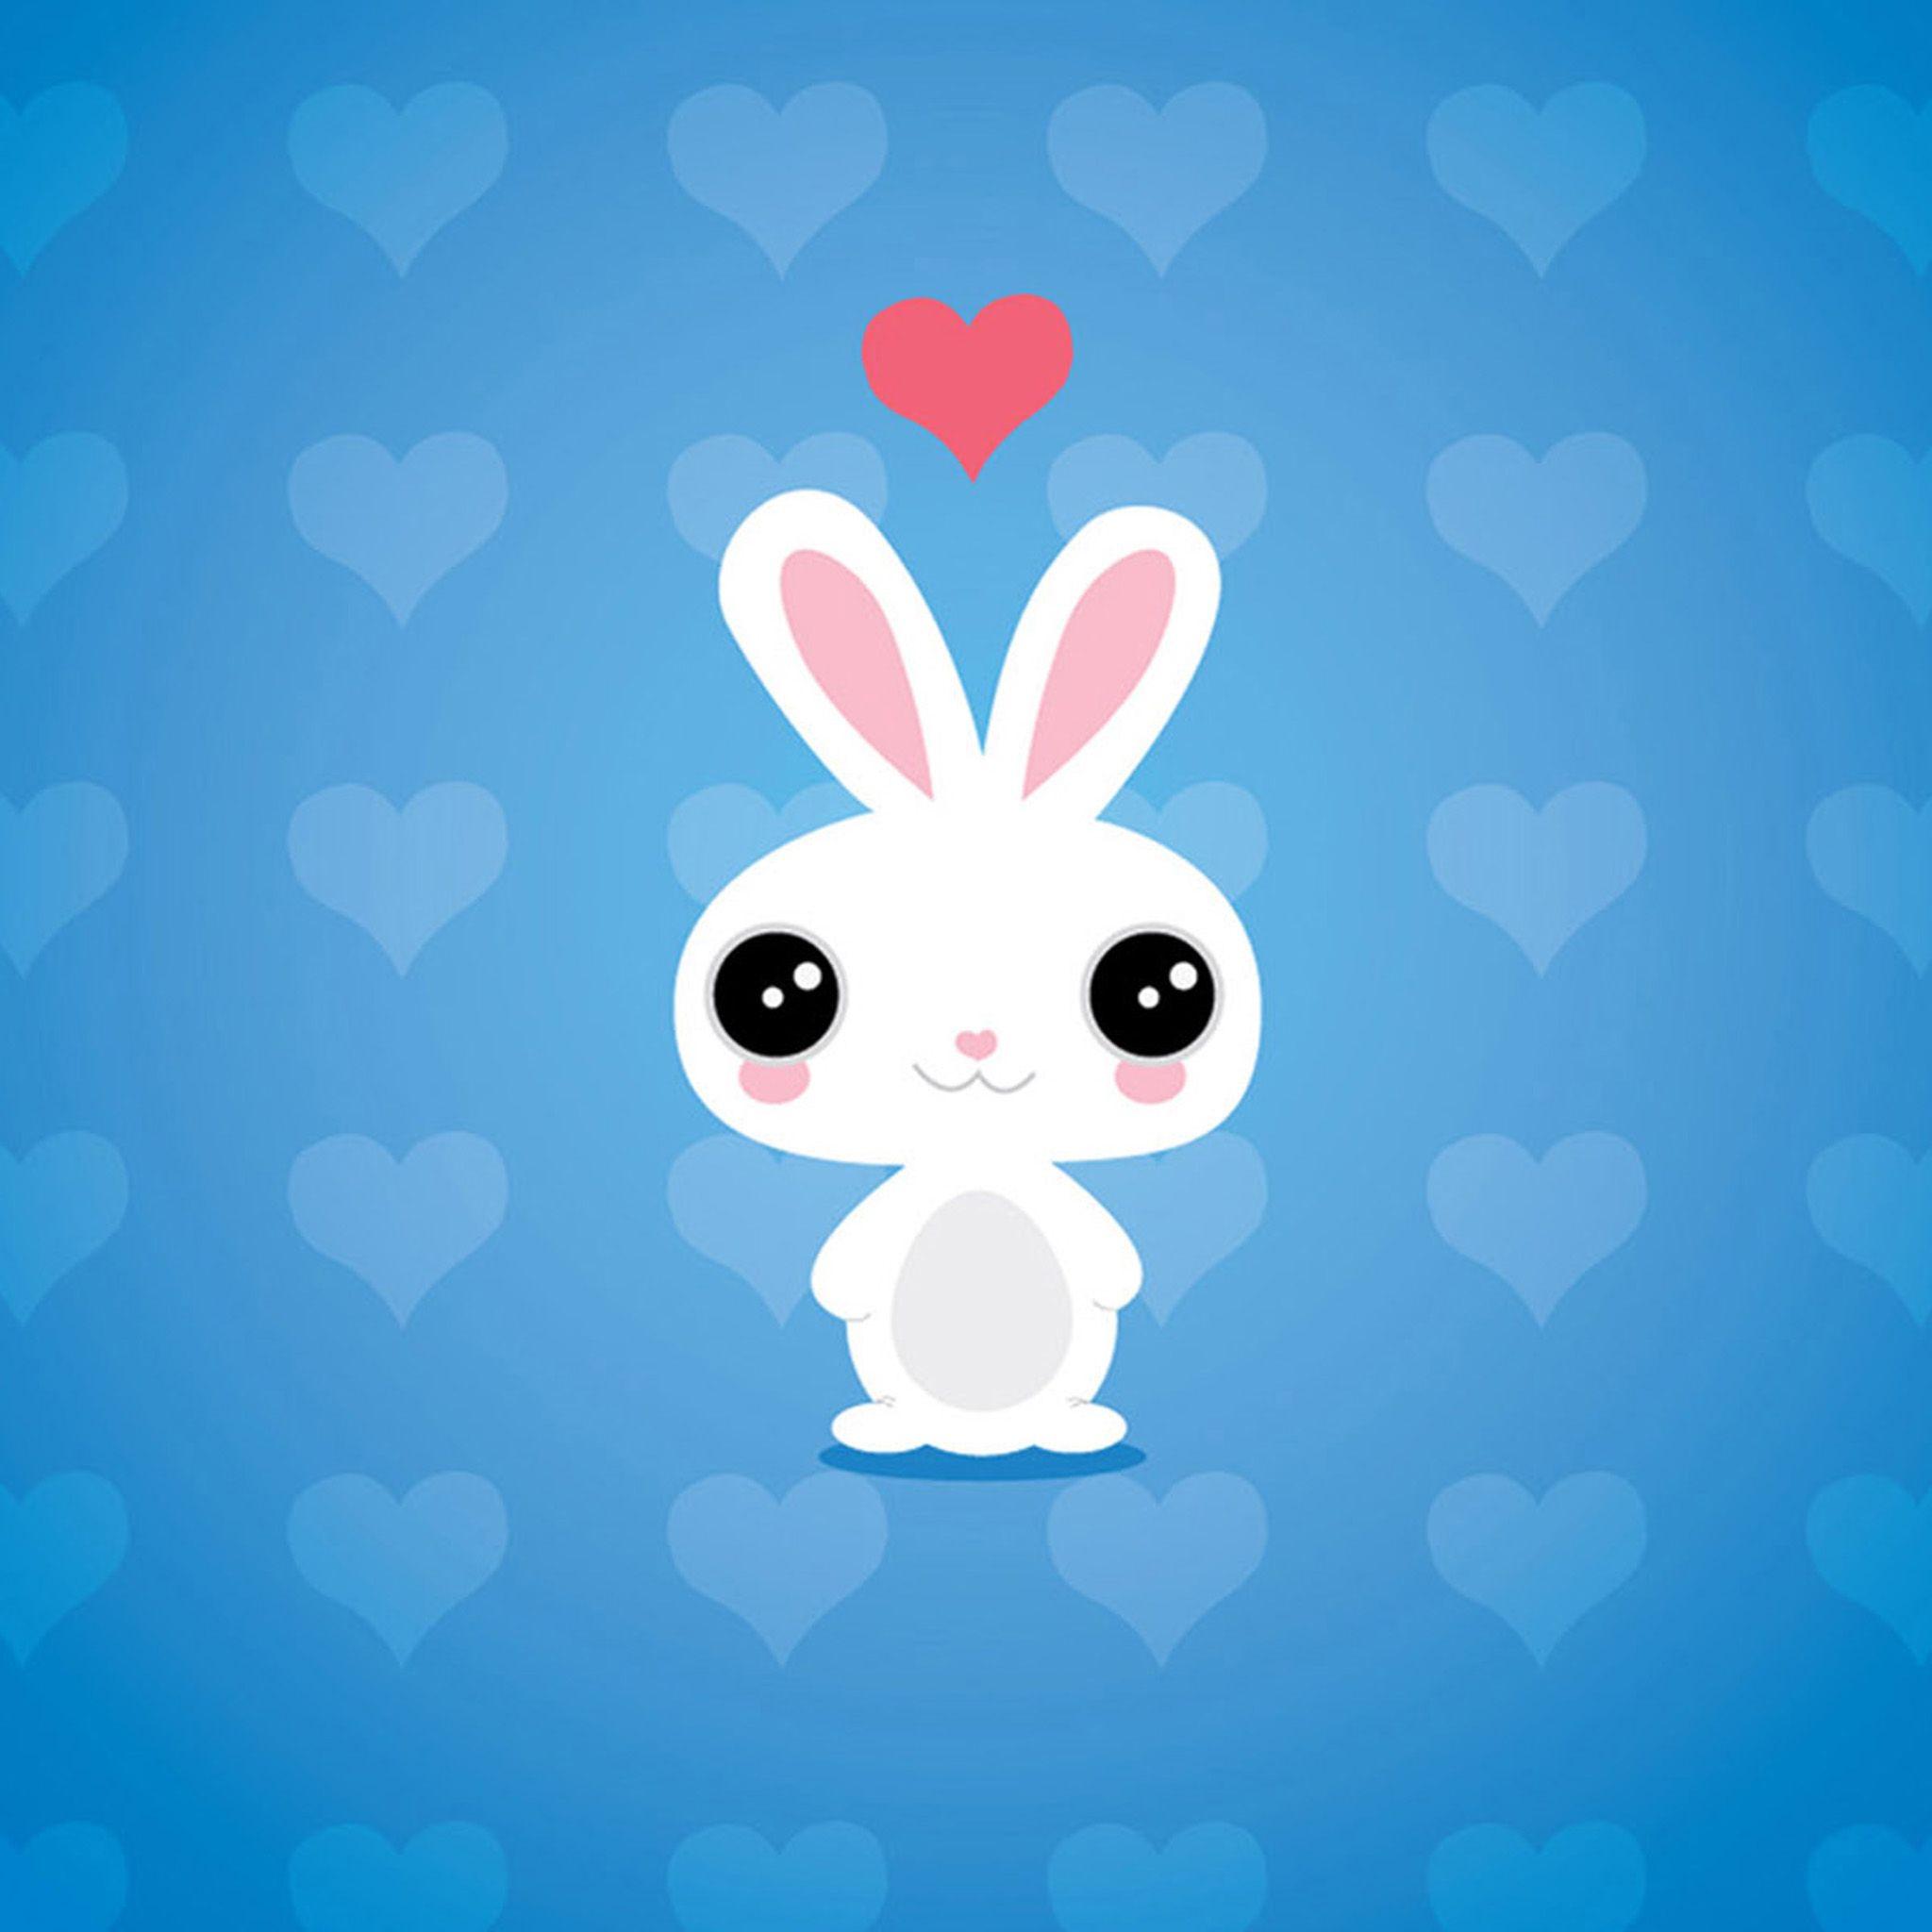 Cute Cartoon Rabbit Ipad Air 2 Wallpapers Jpg 2048 2048 Iphone Wallpaper Girly Bunny Wallpaper Cute Cartoon Wallpapers